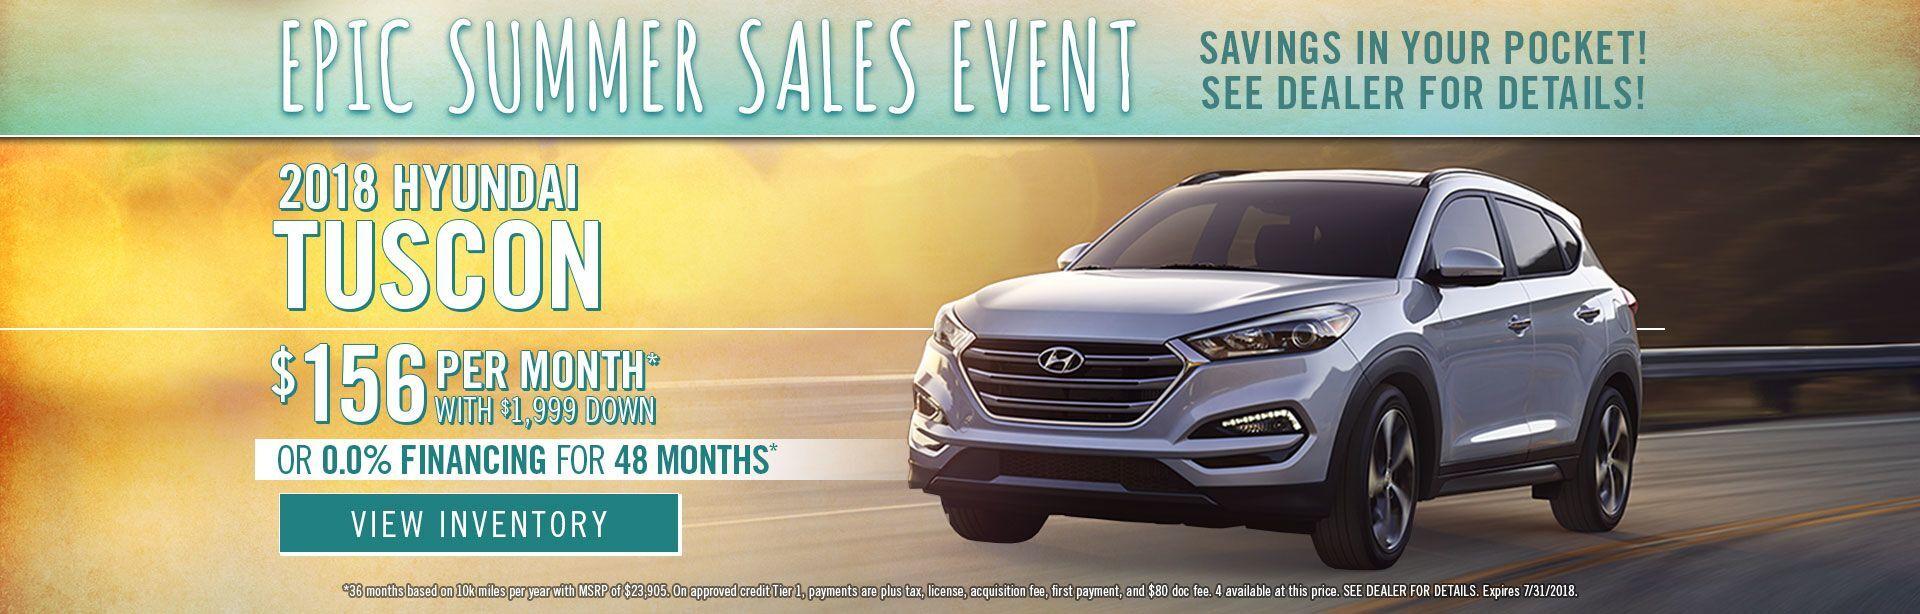 Hyundai Tucson Specials